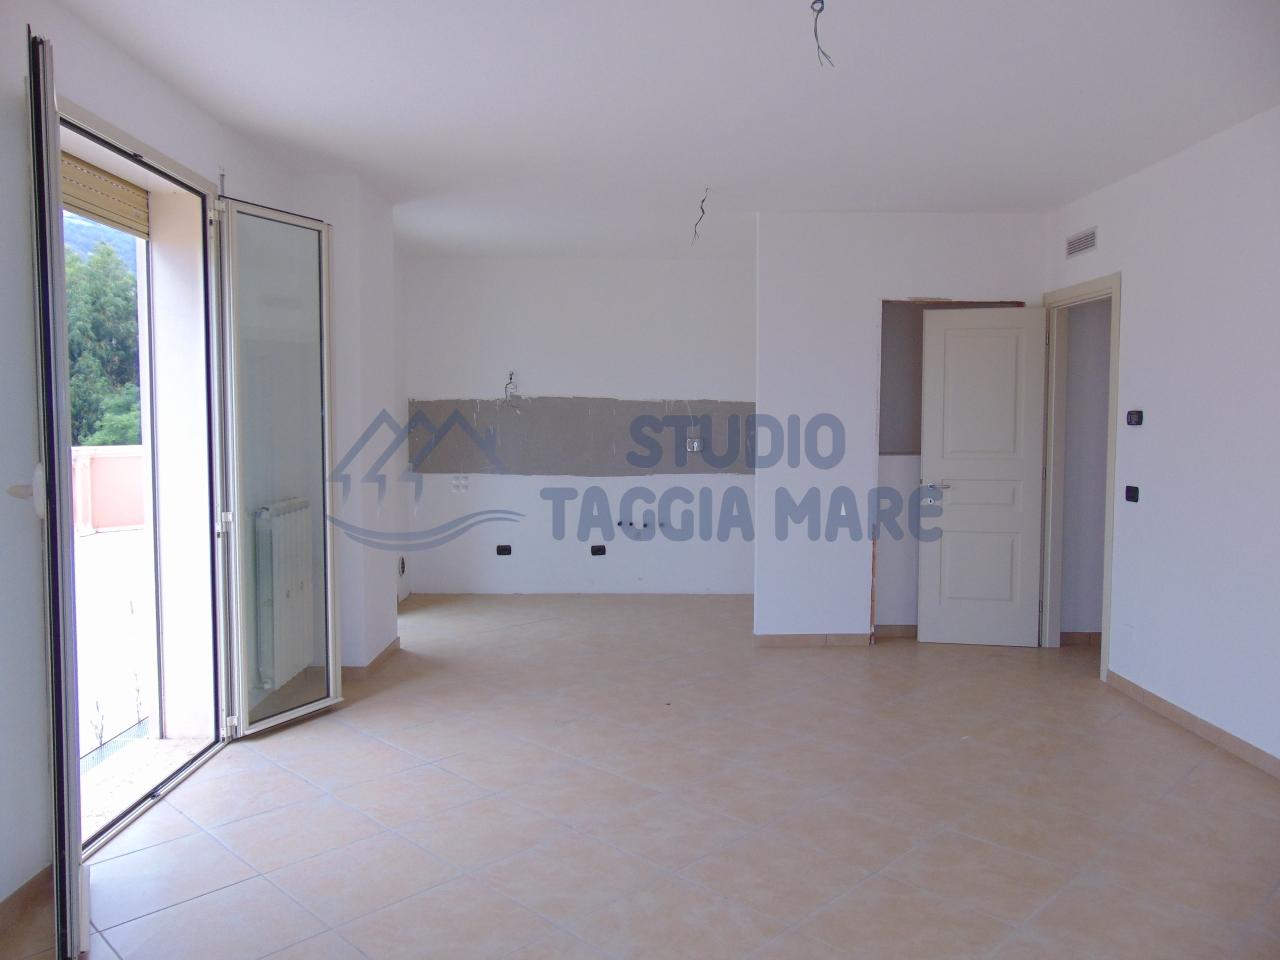 Attico / Mansarda in vendita a Taggia, 3 locali, Trattative riservate | Cambio Casa.it